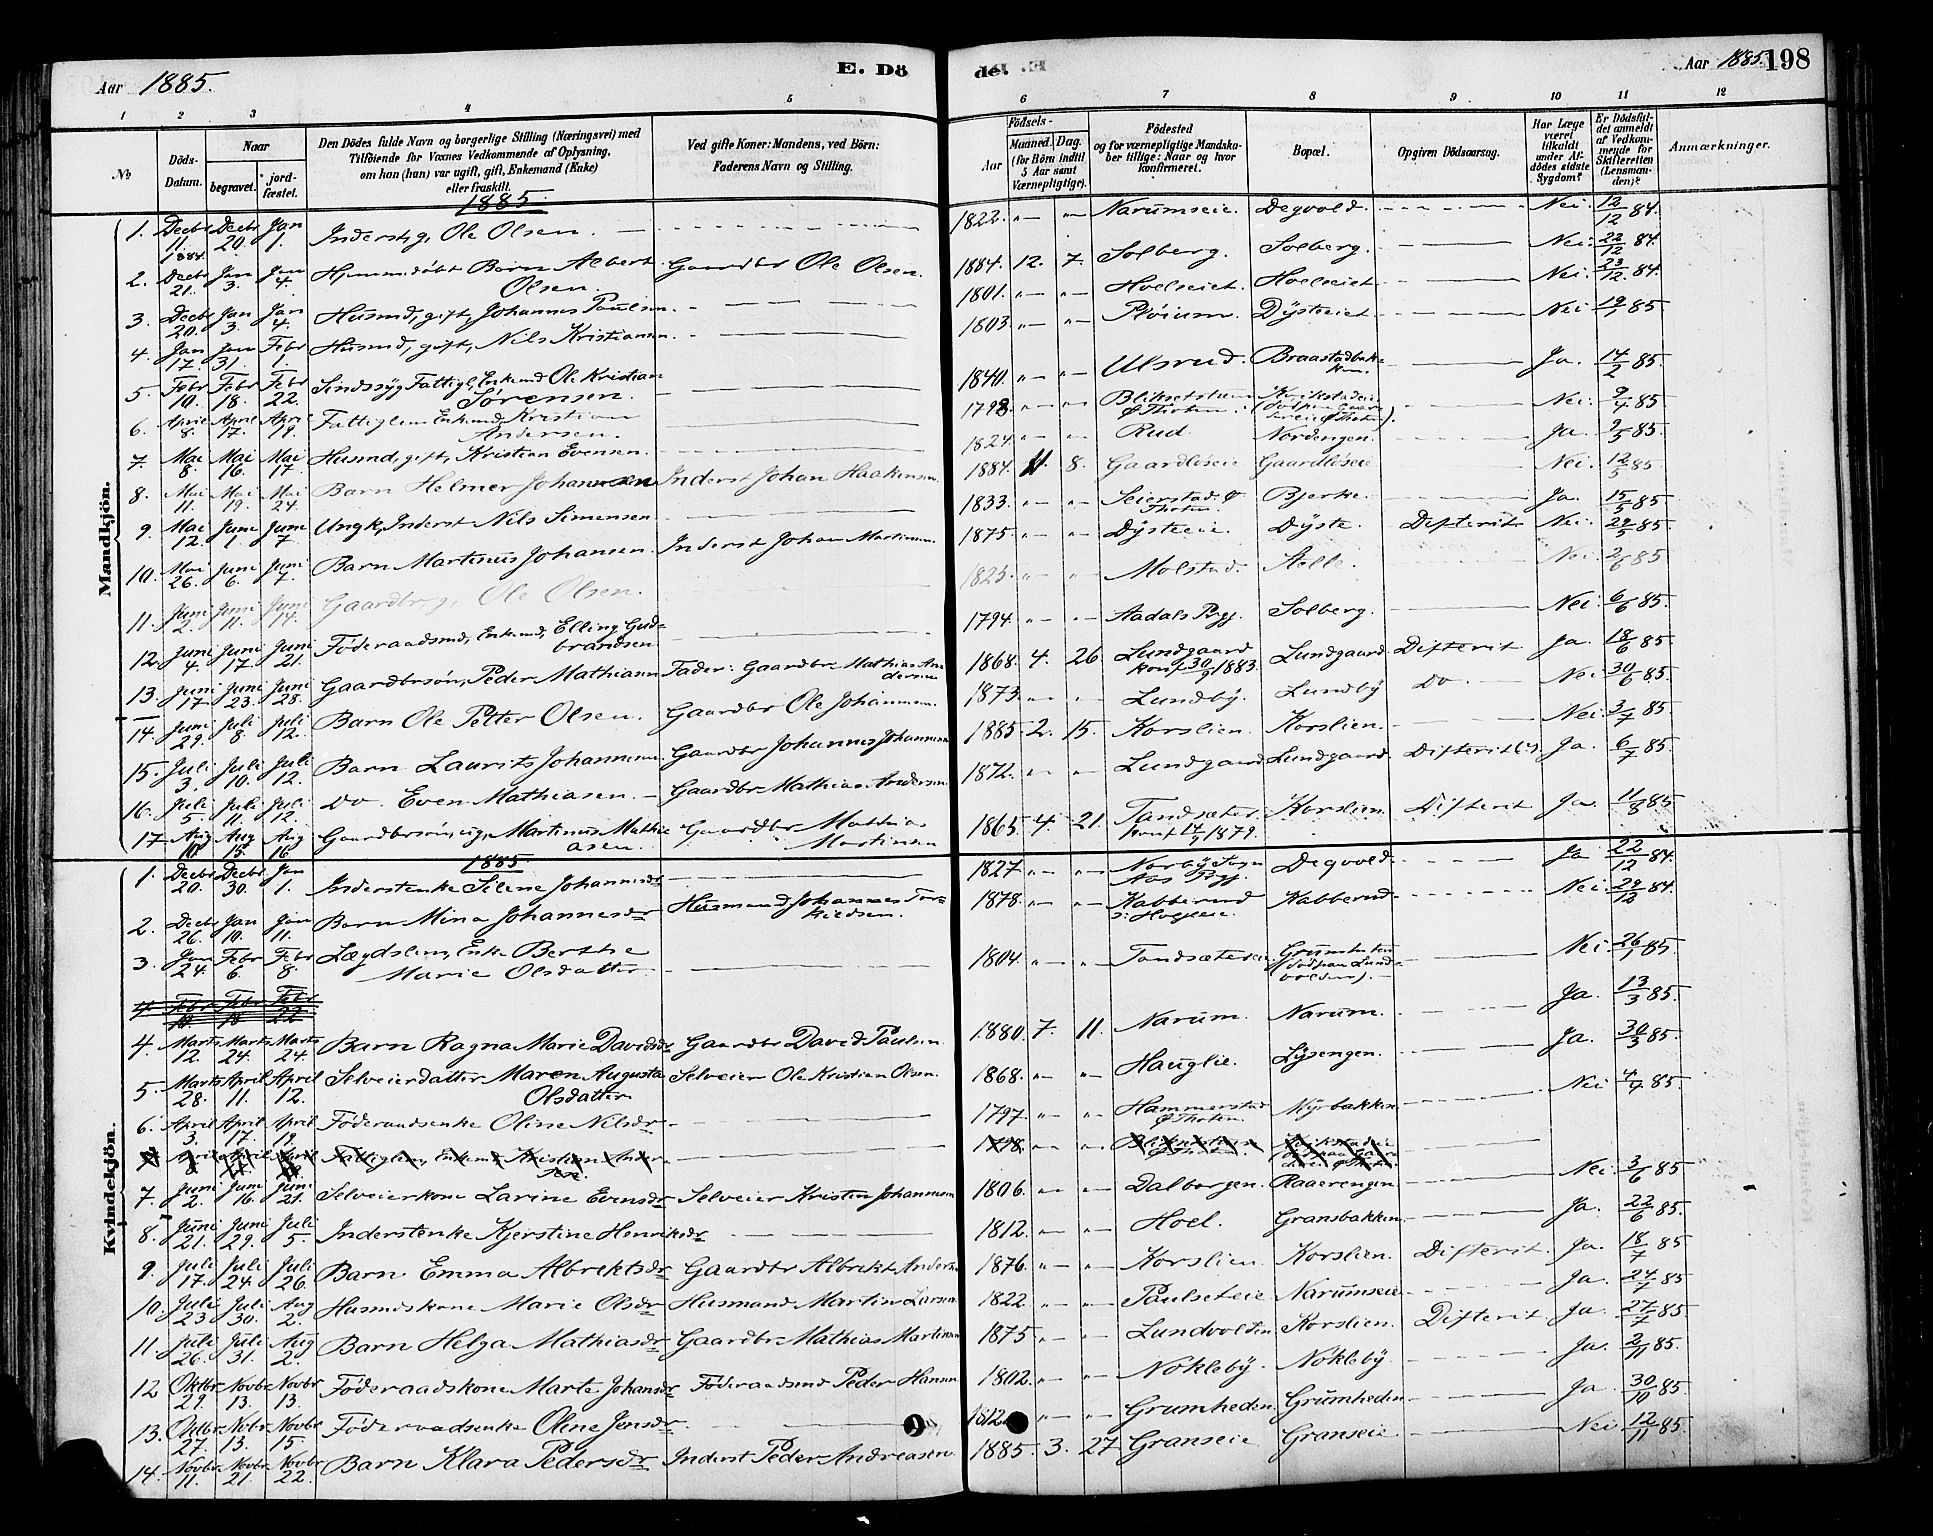 SAH, Vestre Toten prestekontor, Ministerialbok nr. 10, 1878-1894, s. 198